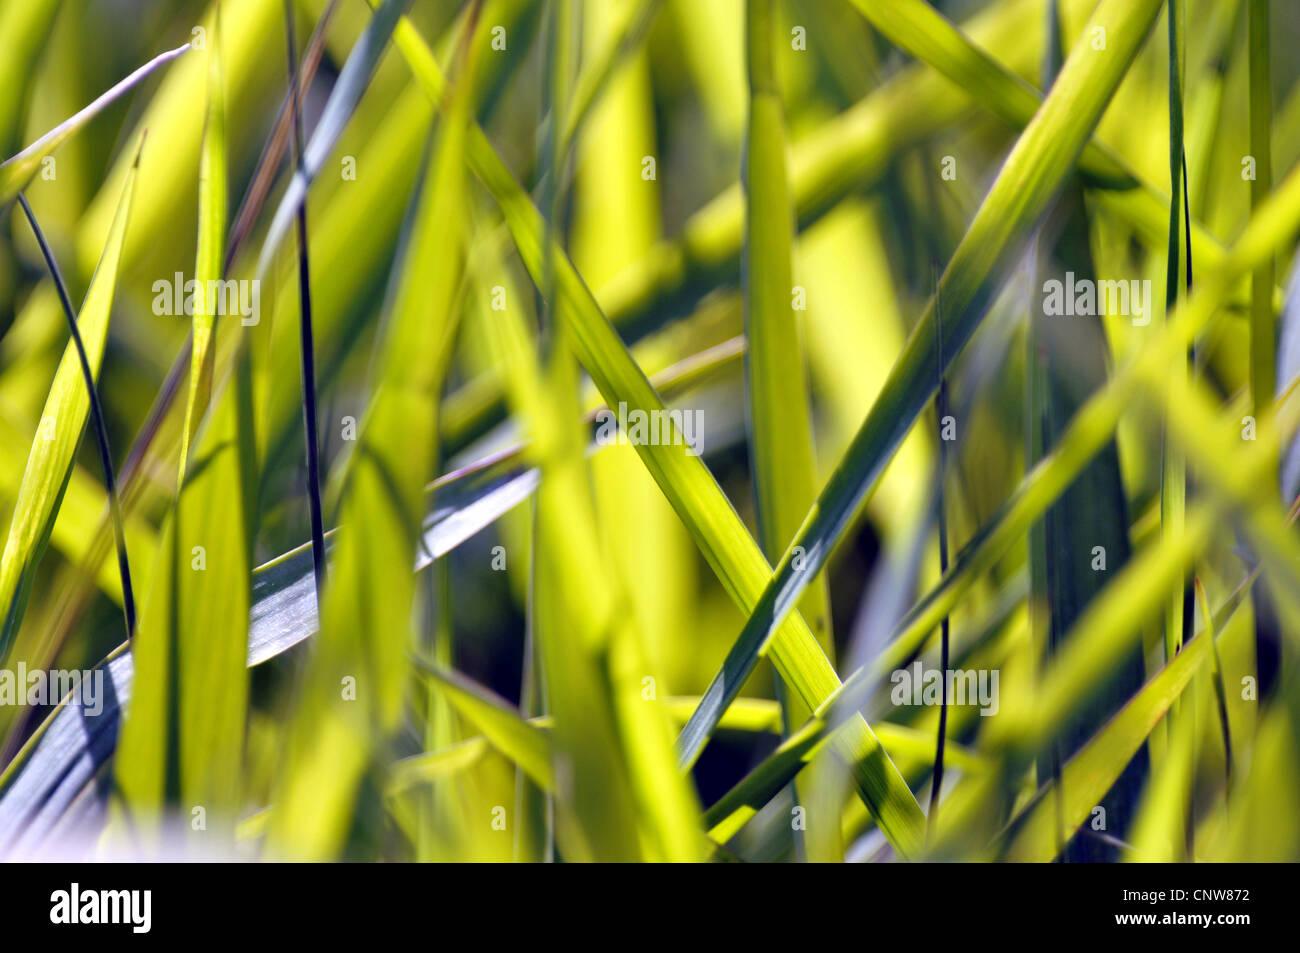 Les lames d'herbe baigné de lumière Photo Stock